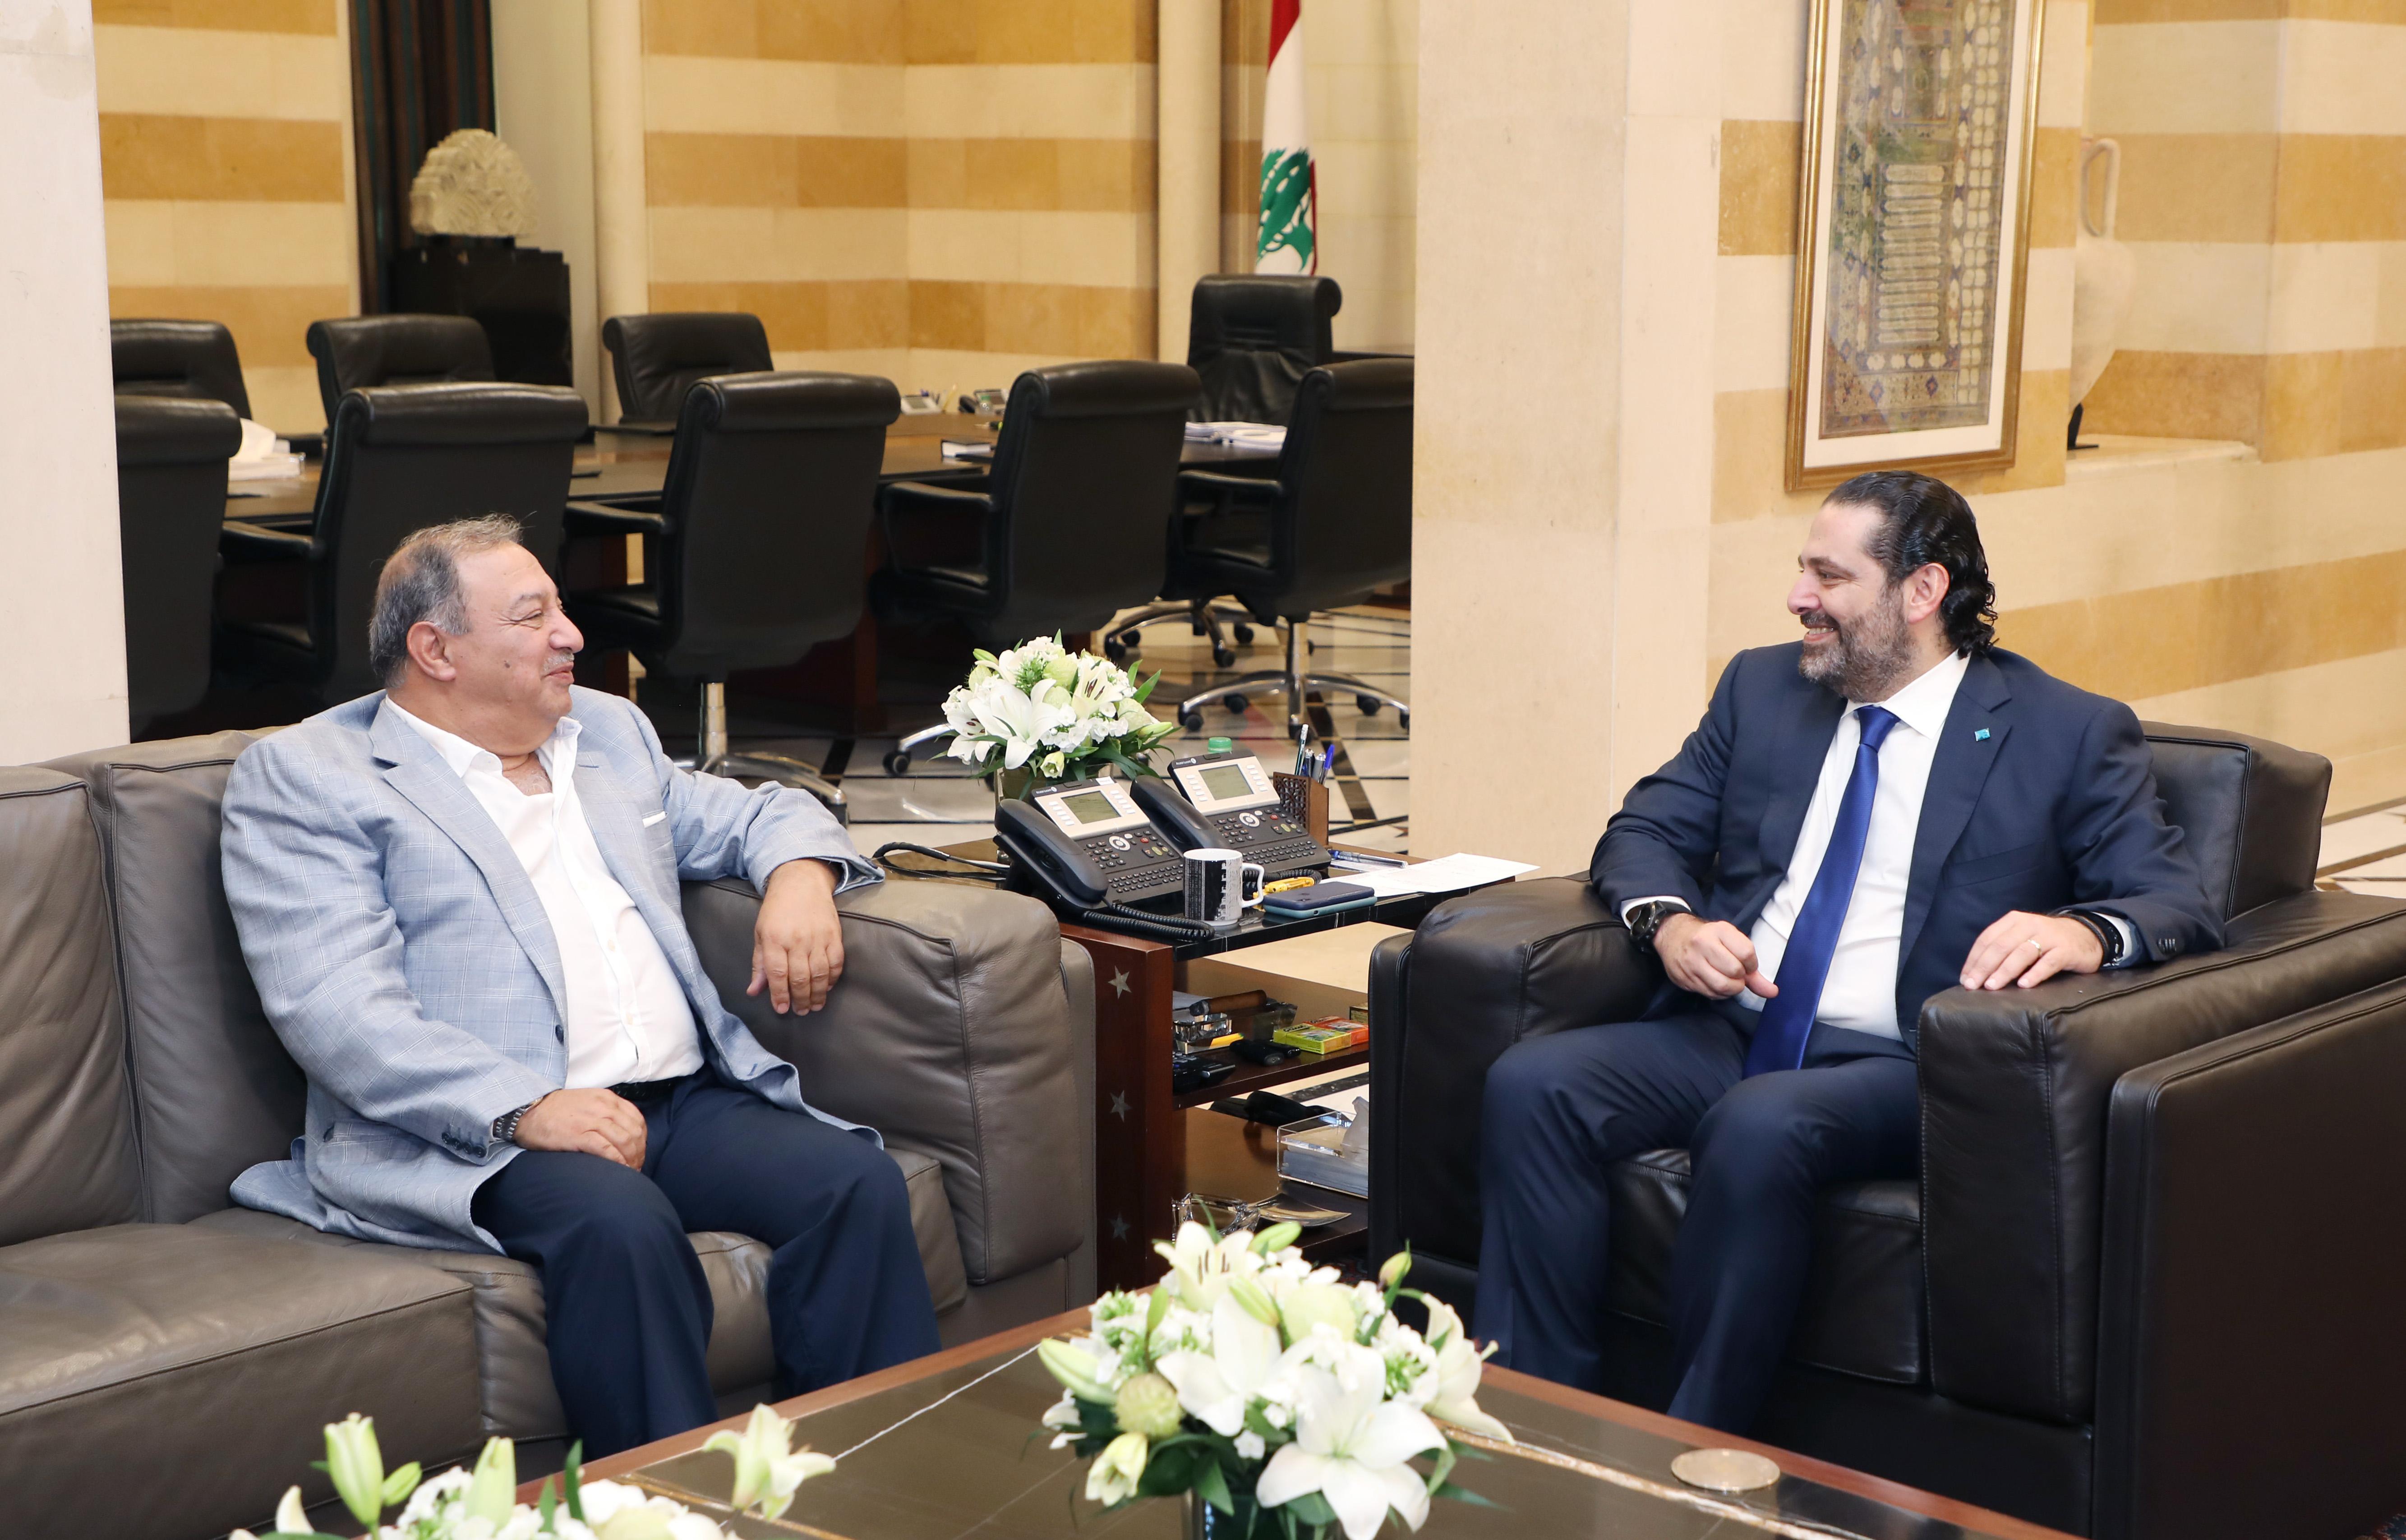 Pr Minister Saad Hariri meets Mr Aouni el Kaaki 1